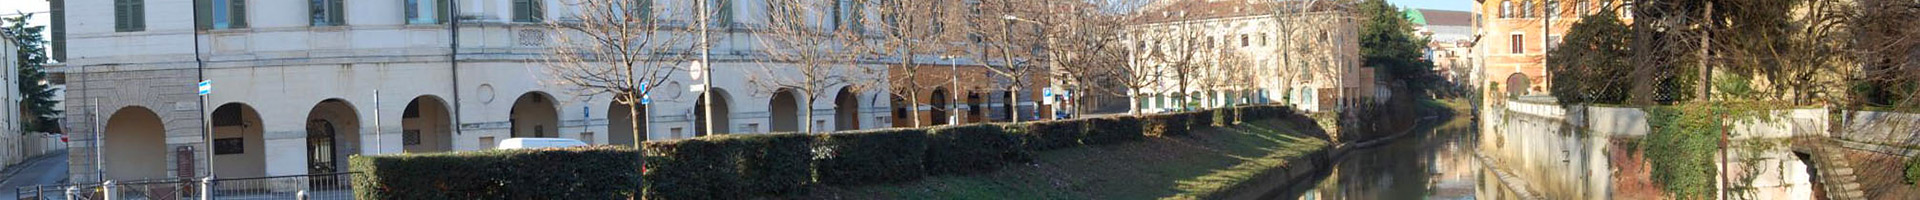 Casa Di Cura Villa Alba Bologna